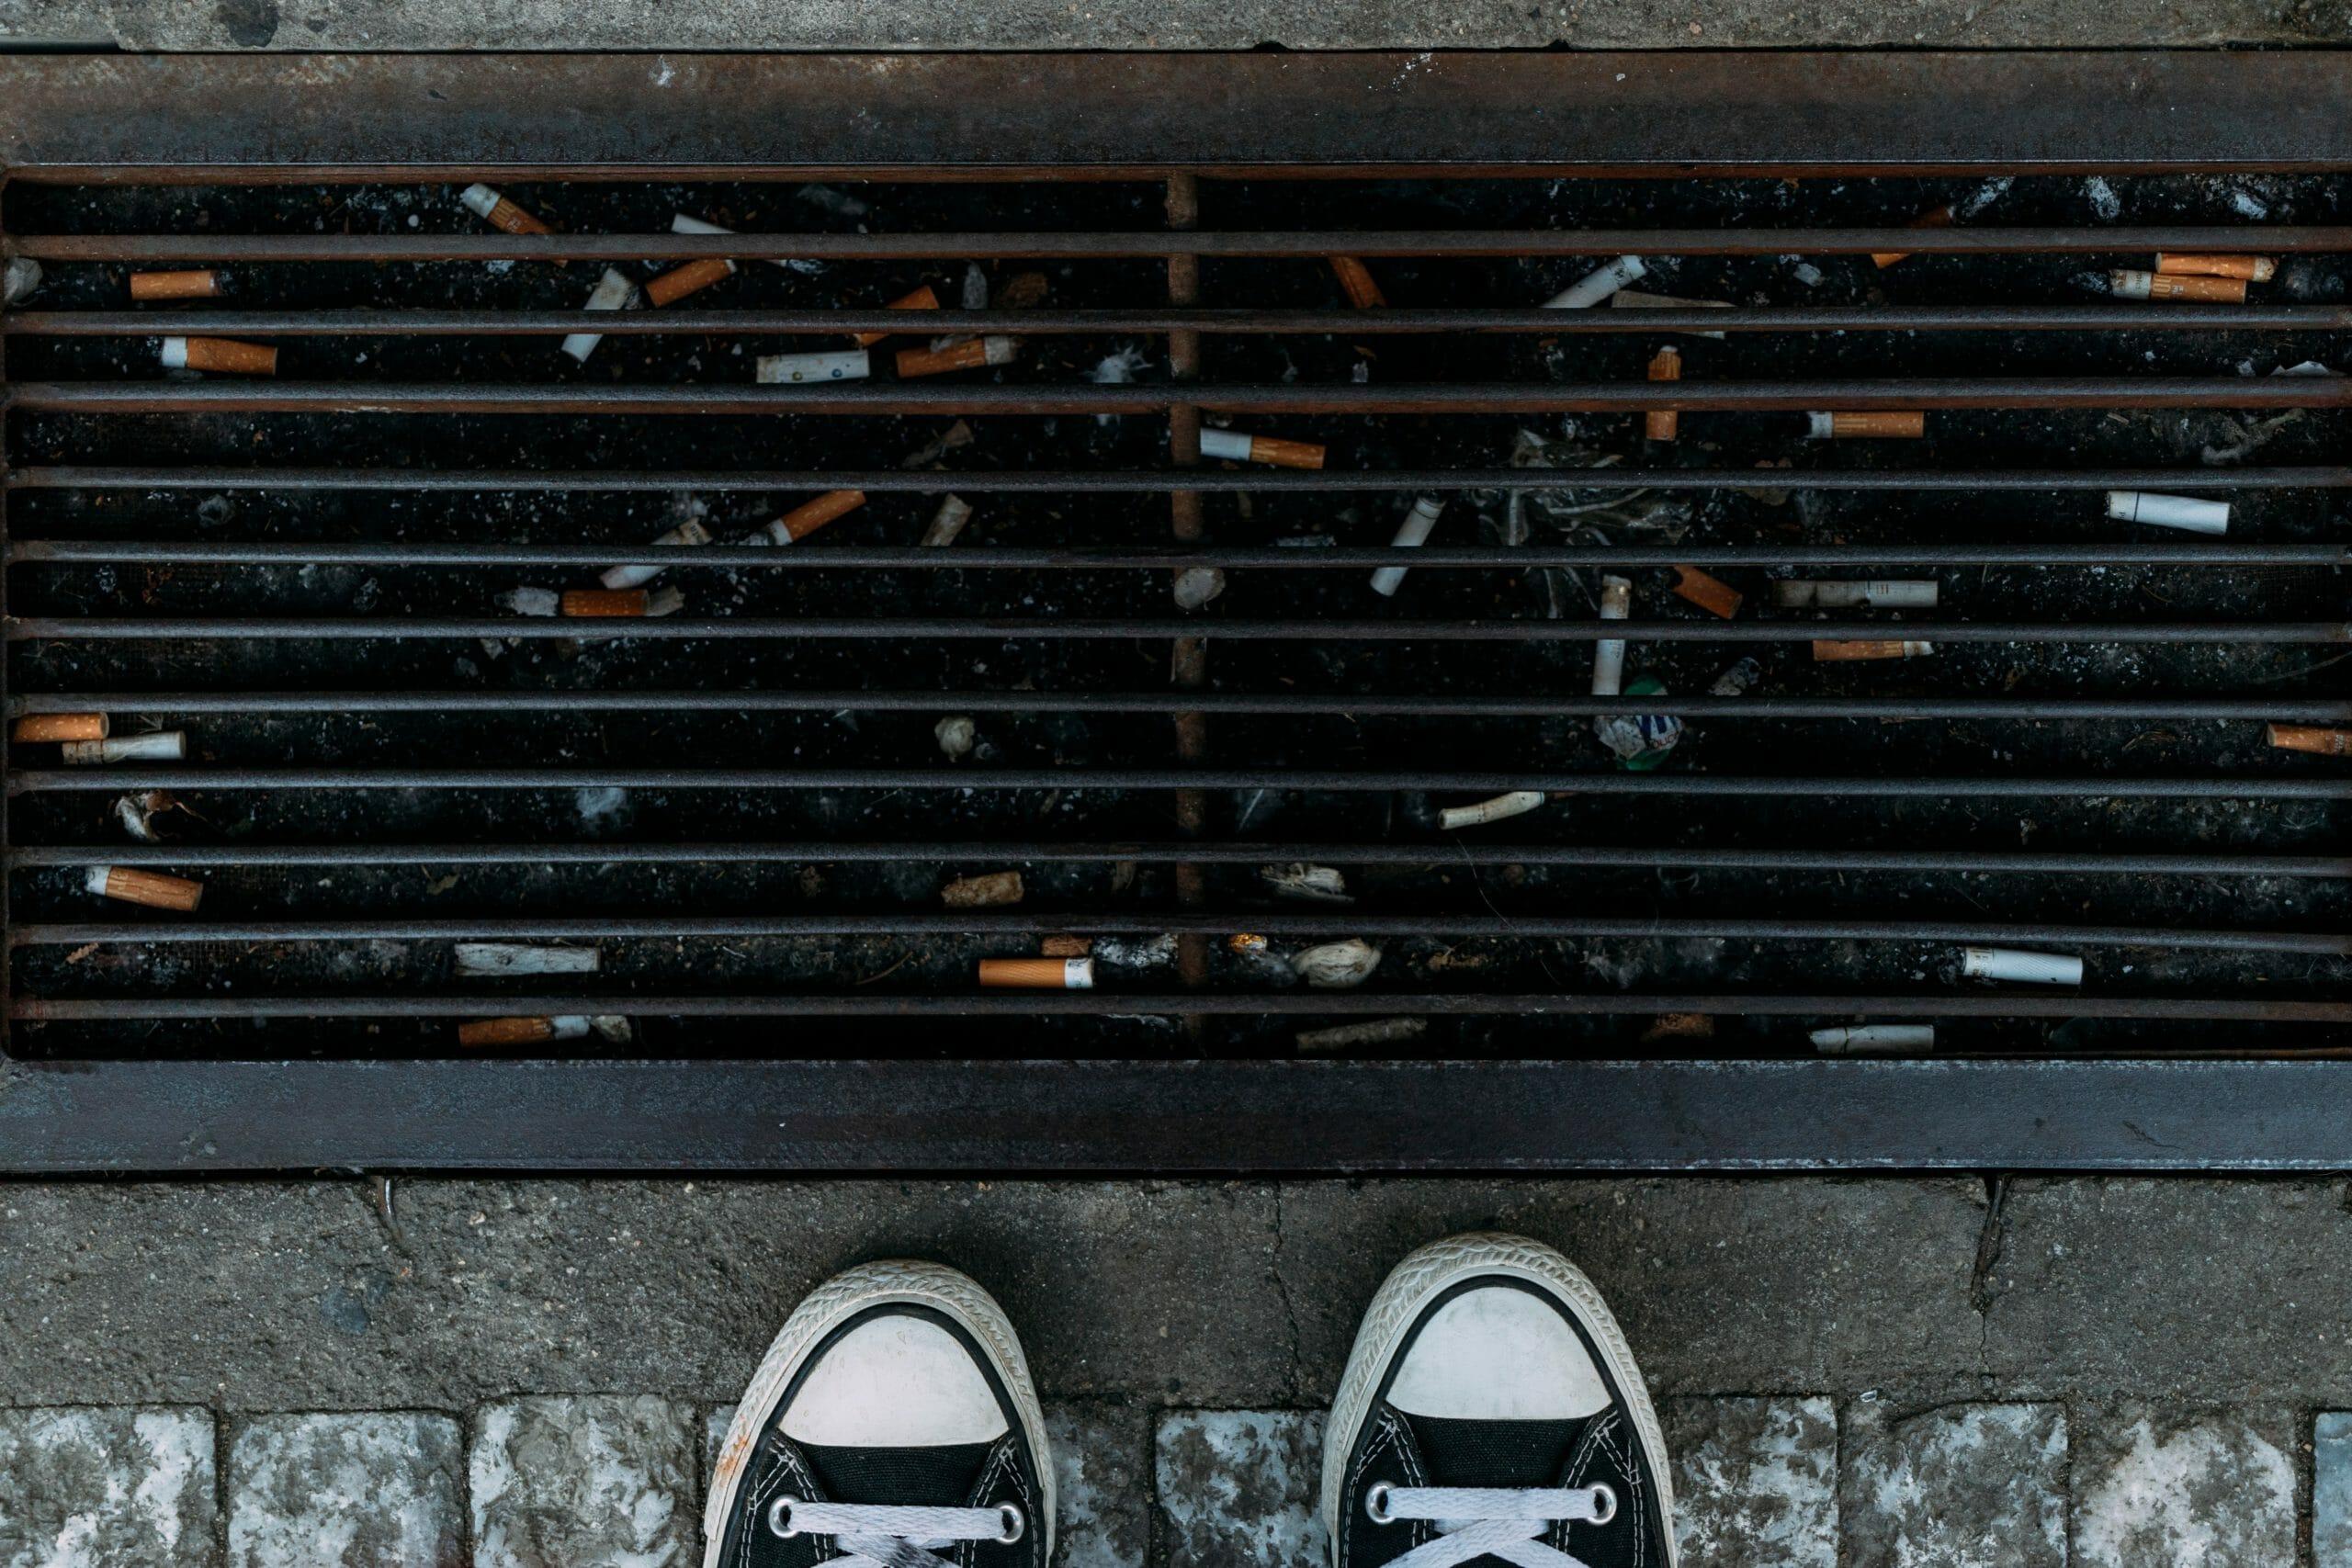 Ny undersøgelse viser at unges rygning er halveret på tre år